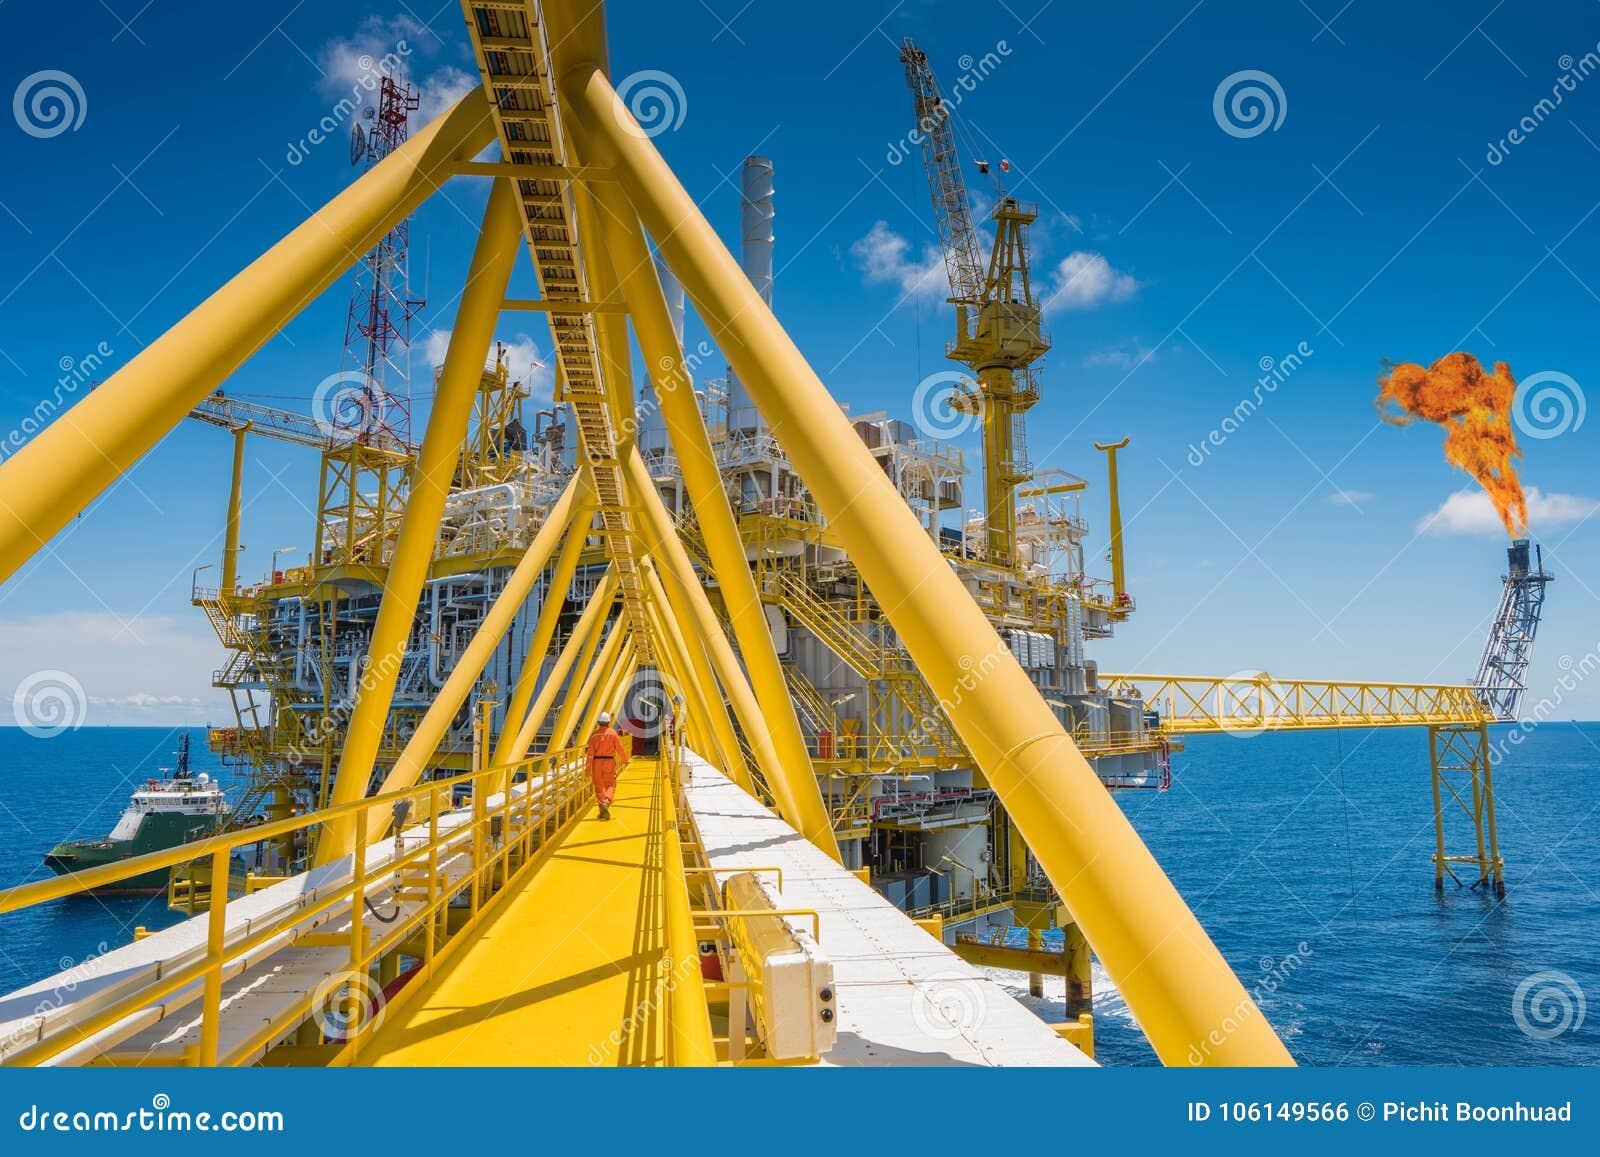 近海油和煤气中央处理平台在暹罗湾生产了天然气和液体凝析油